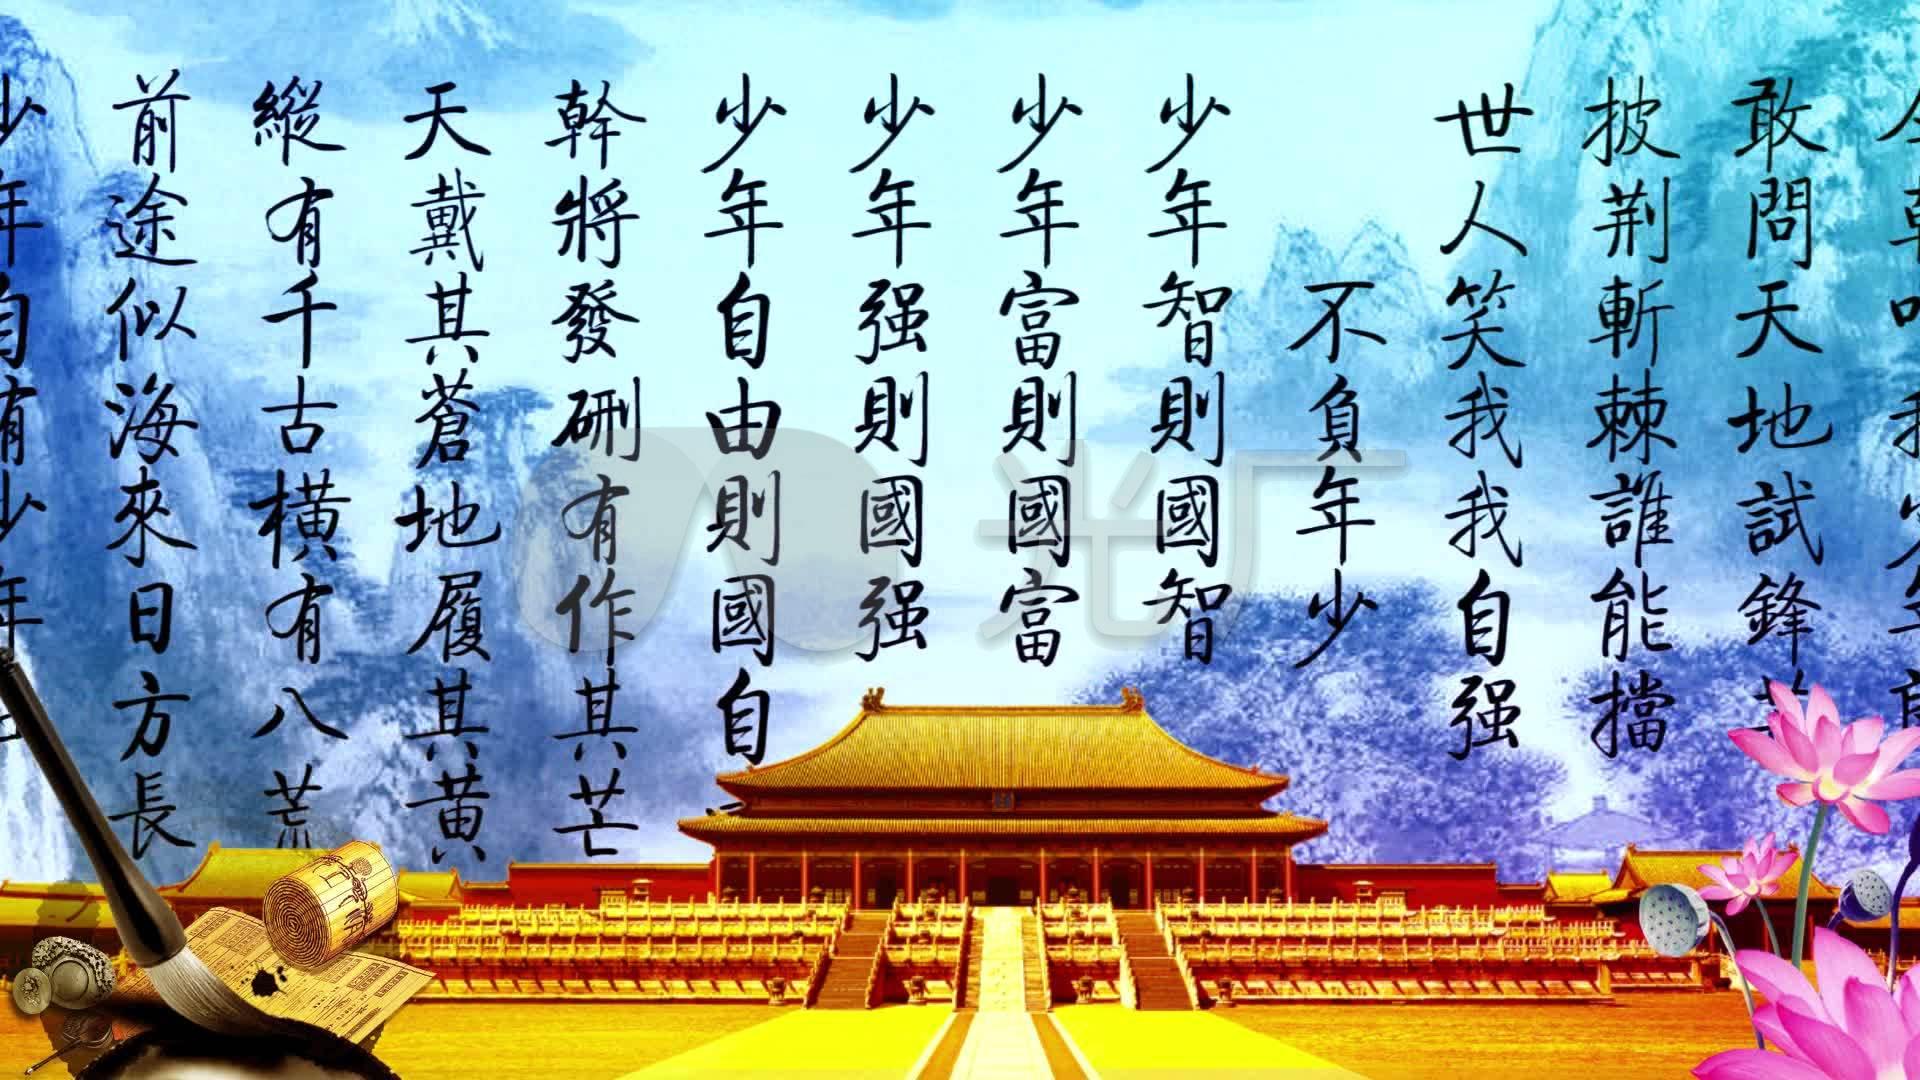 少年中国说张杰配乐成品图片